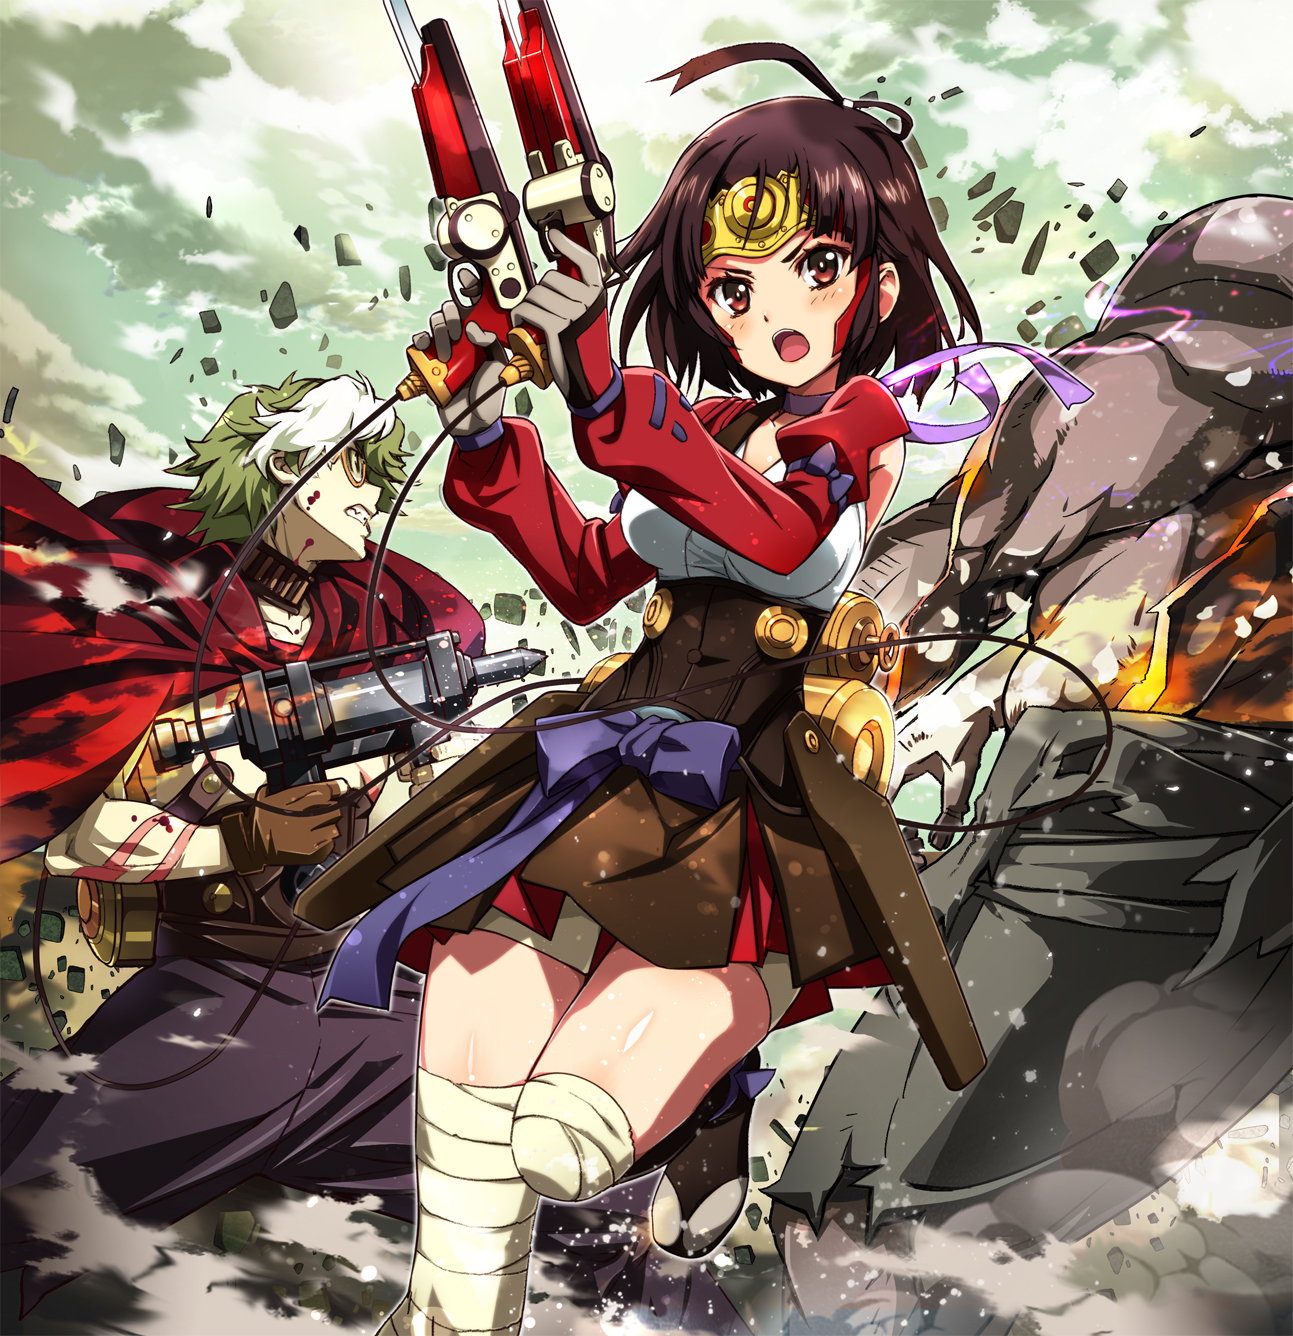 Kết quả hình ảnh cho Koutetsujou no Kabaneri anime